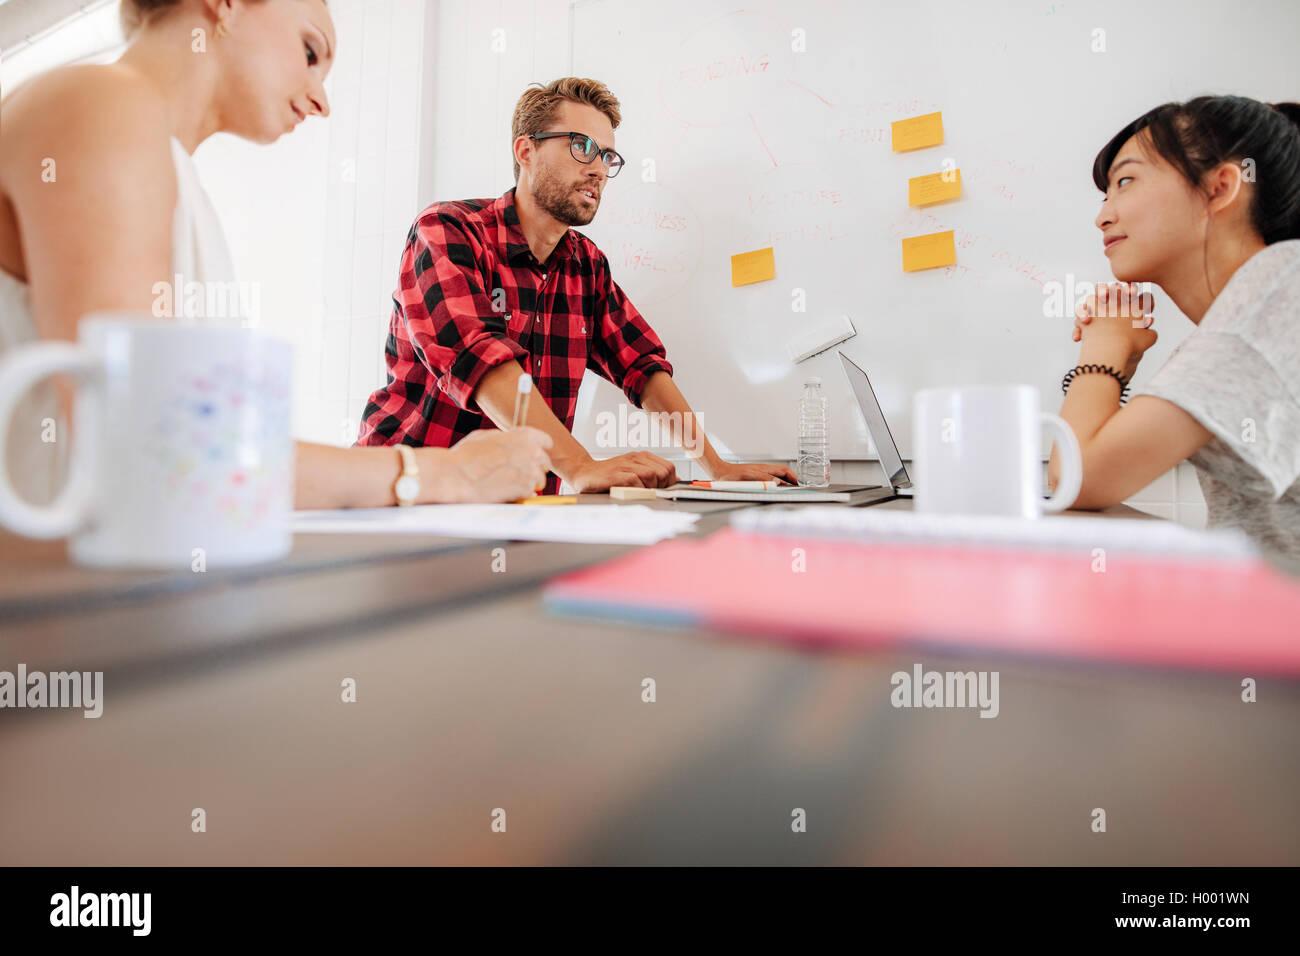 Groupe de discussion sur les cadres de démarrage de nouvelles idées d'affaires au cours d'une Photo Stock